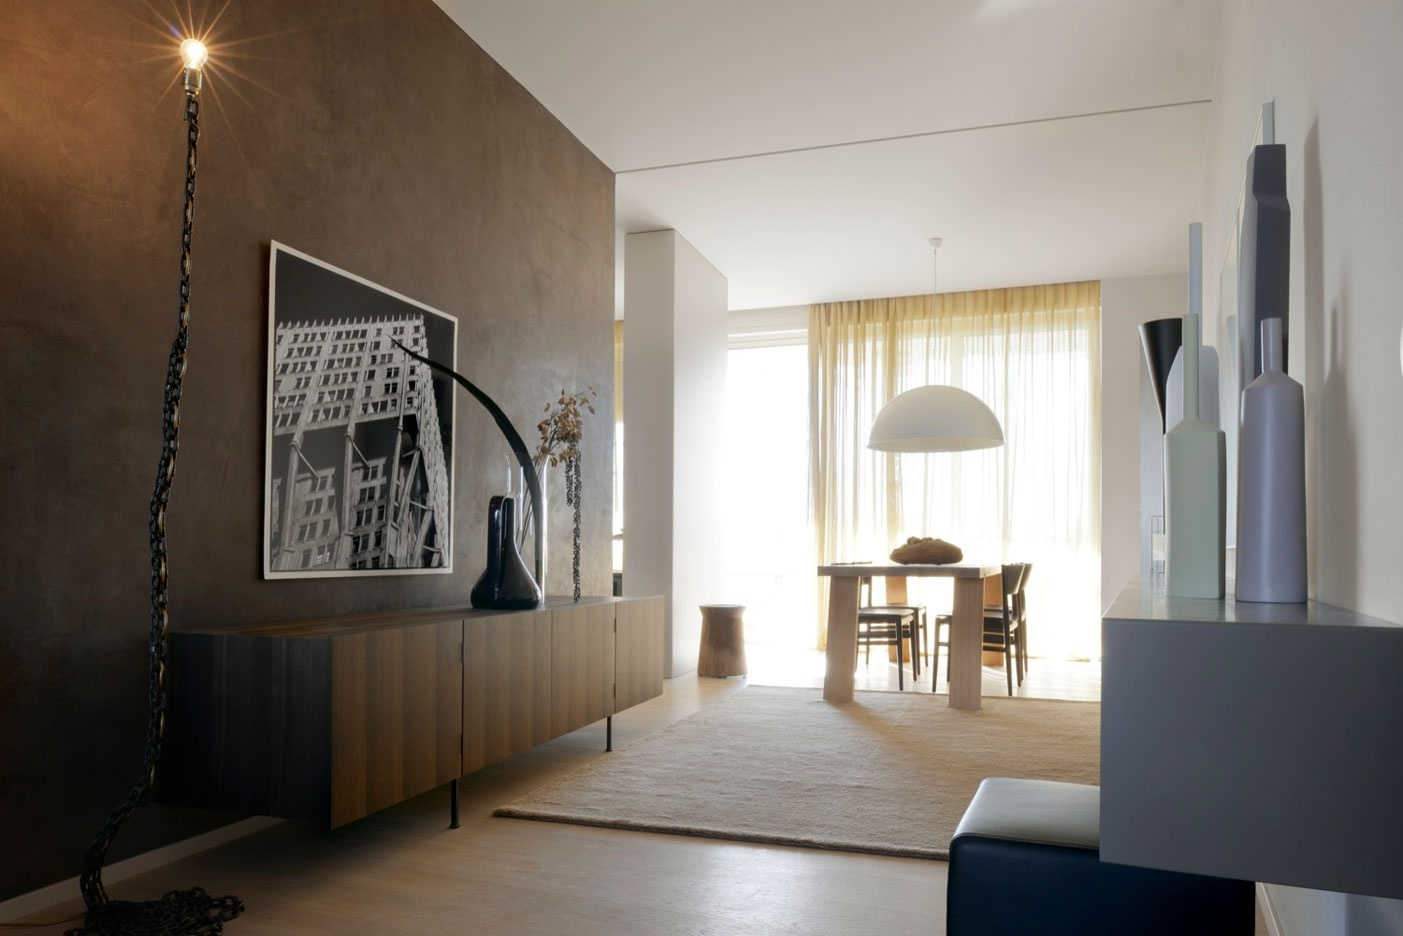 Gli arredi porro negli appartamenti campione di interni for Interni di appartamenti